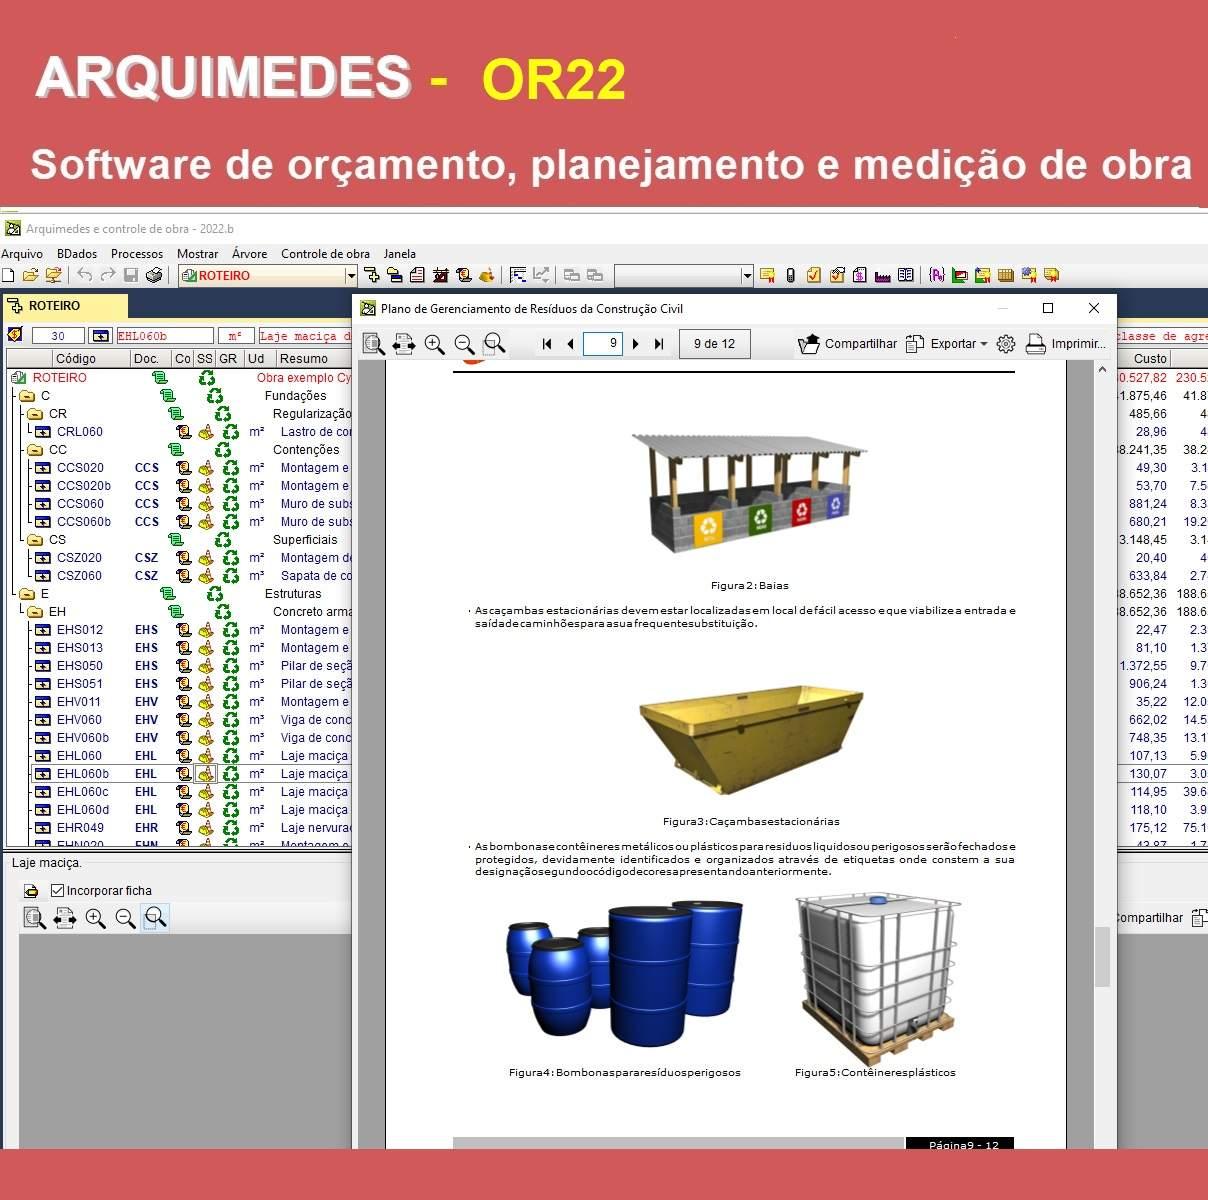 Software Arquimedes OR22 v.2022 (Licença Eletrônica) incluindo Orçamento, Planejamento, Medição de Obras, Conexão com o Gerador de preços OBRAS NOVAS e PGRCC-Gestão de Resíduos da Construção Civil  - MULTIPLUS SOFTWARES